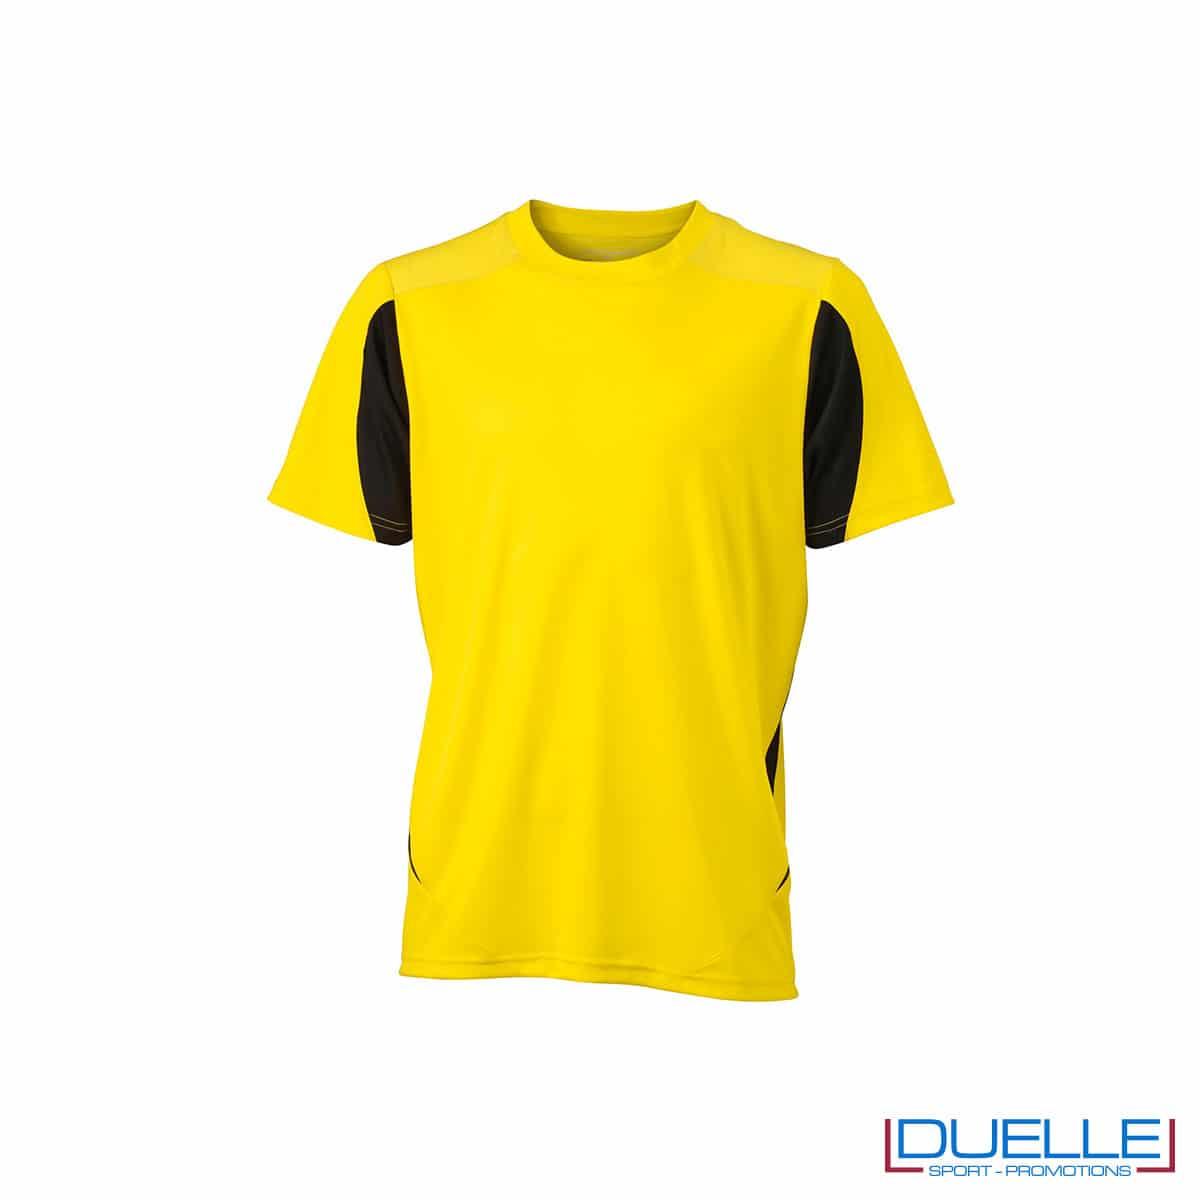 Maglia calcio colore giallo-nero promozionale